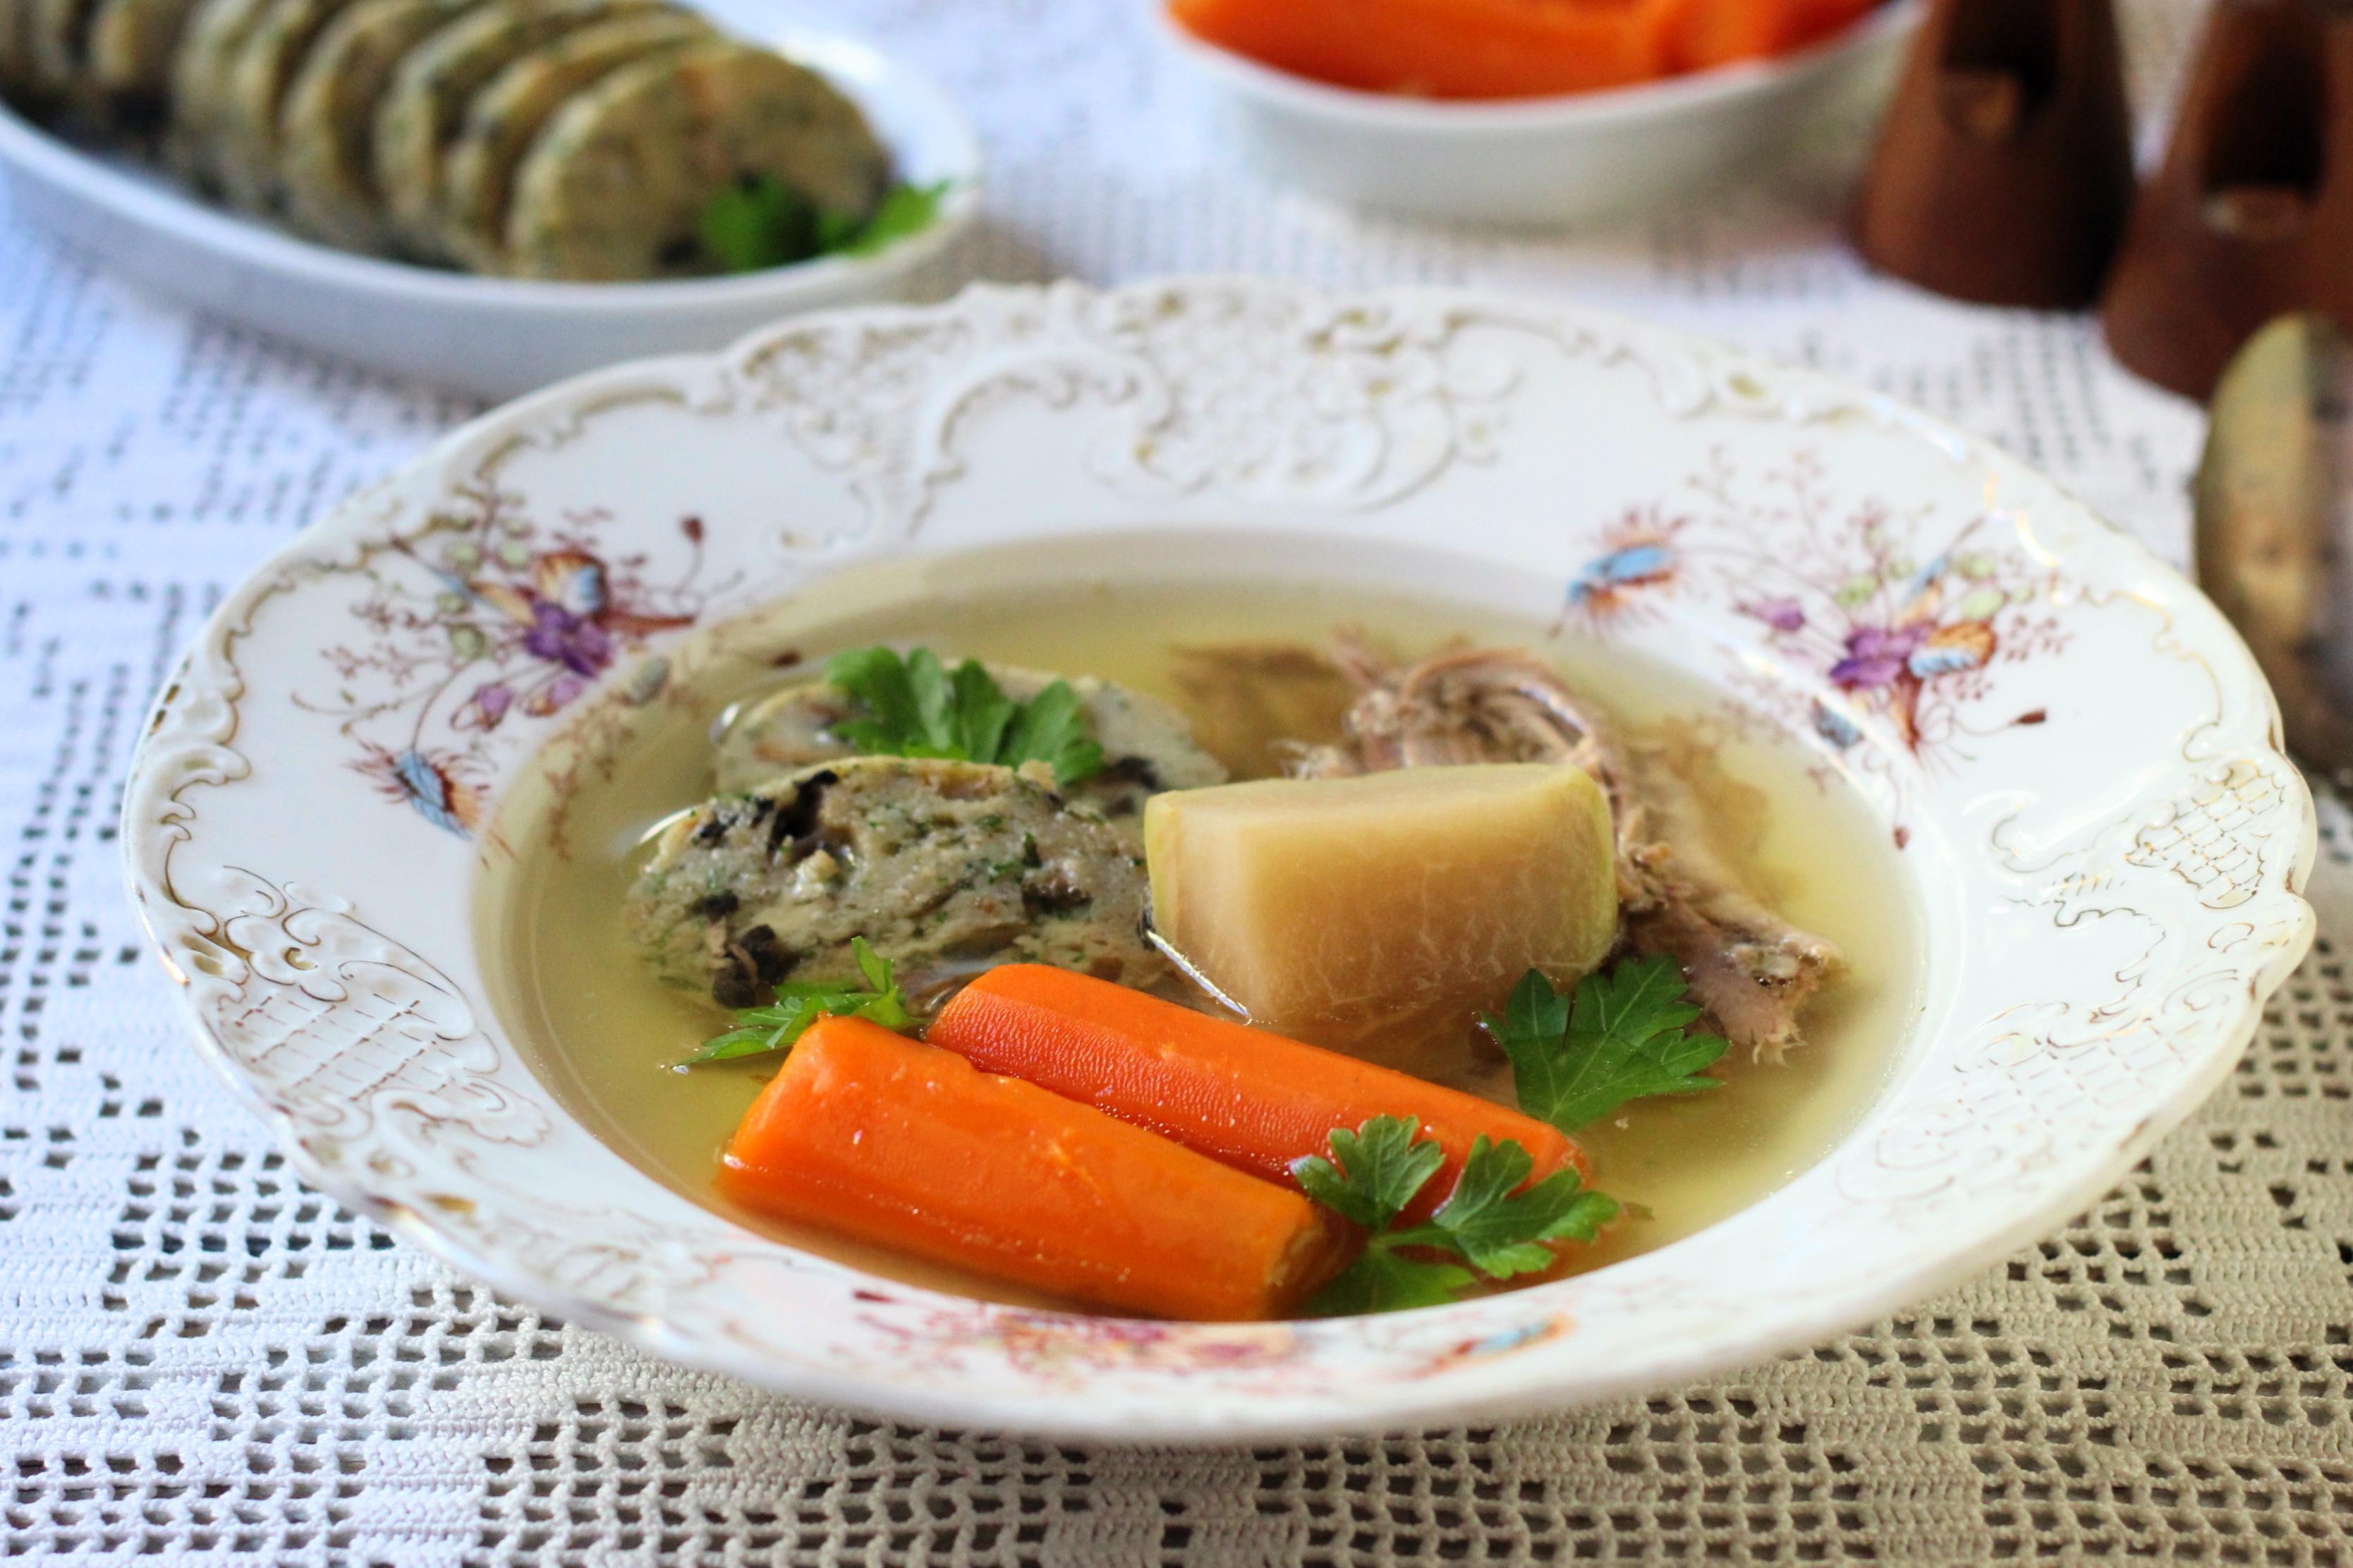 Liba aprólék leves töltelékkel – Nemcsak Márton napon lehet libát enni